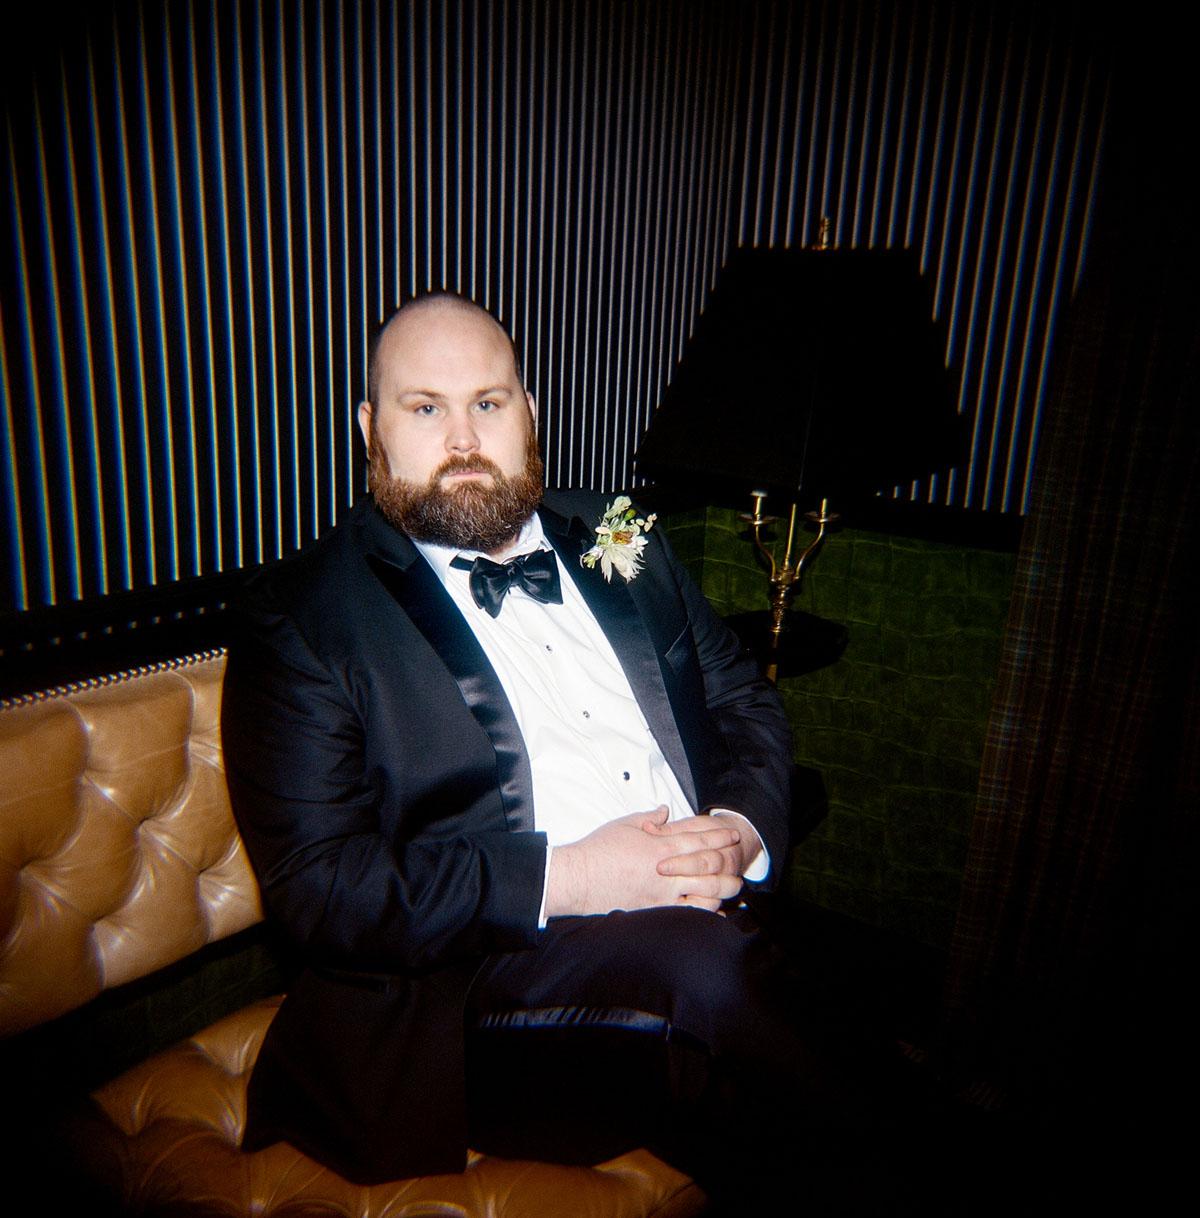 54-holga-snapshot-wedding.jpg